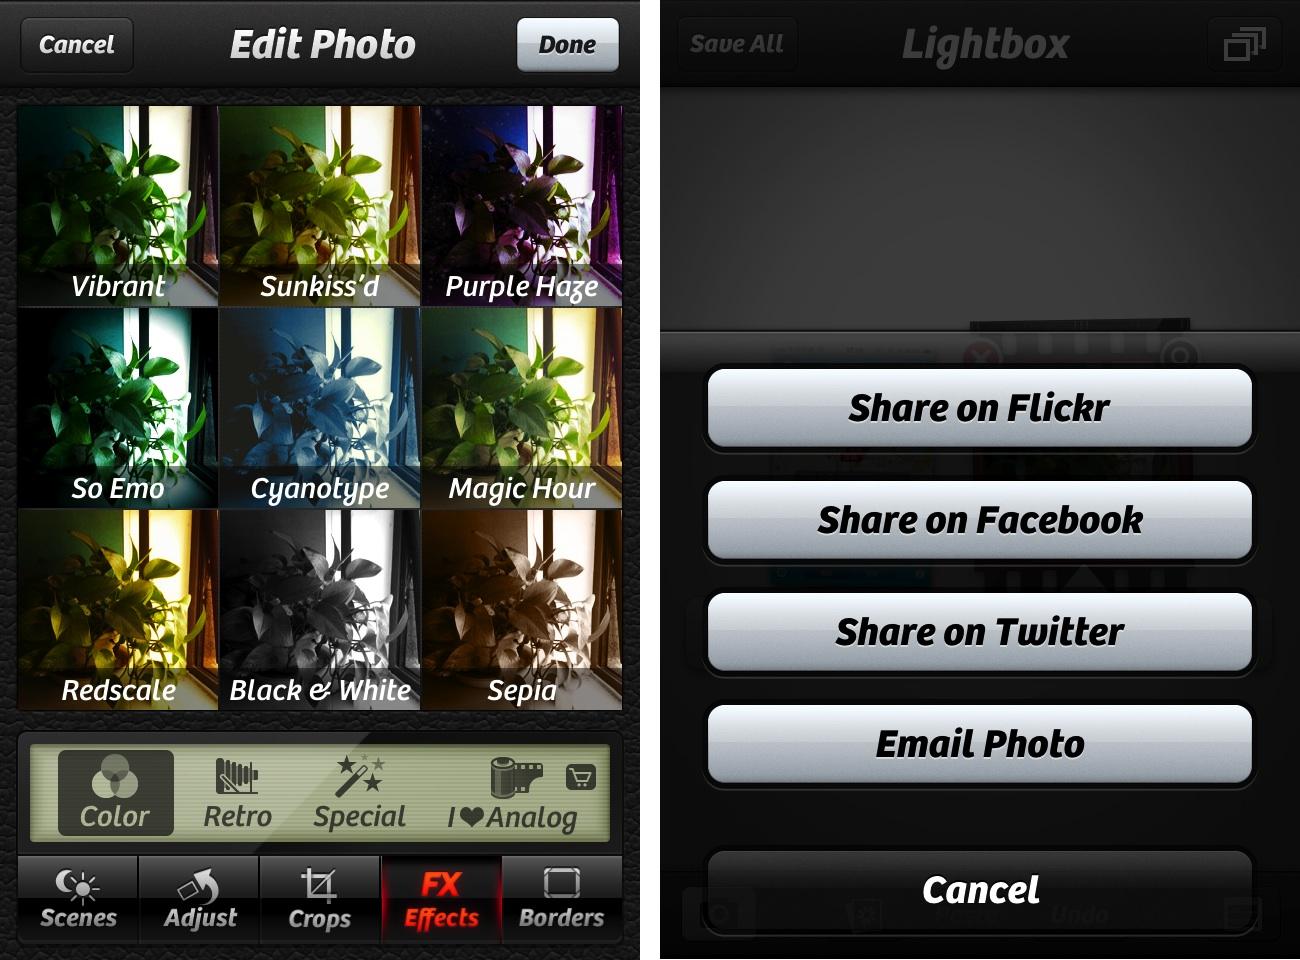 苹果 iPhone 上最好的相机增强和照片编辑应用软件:Camera+